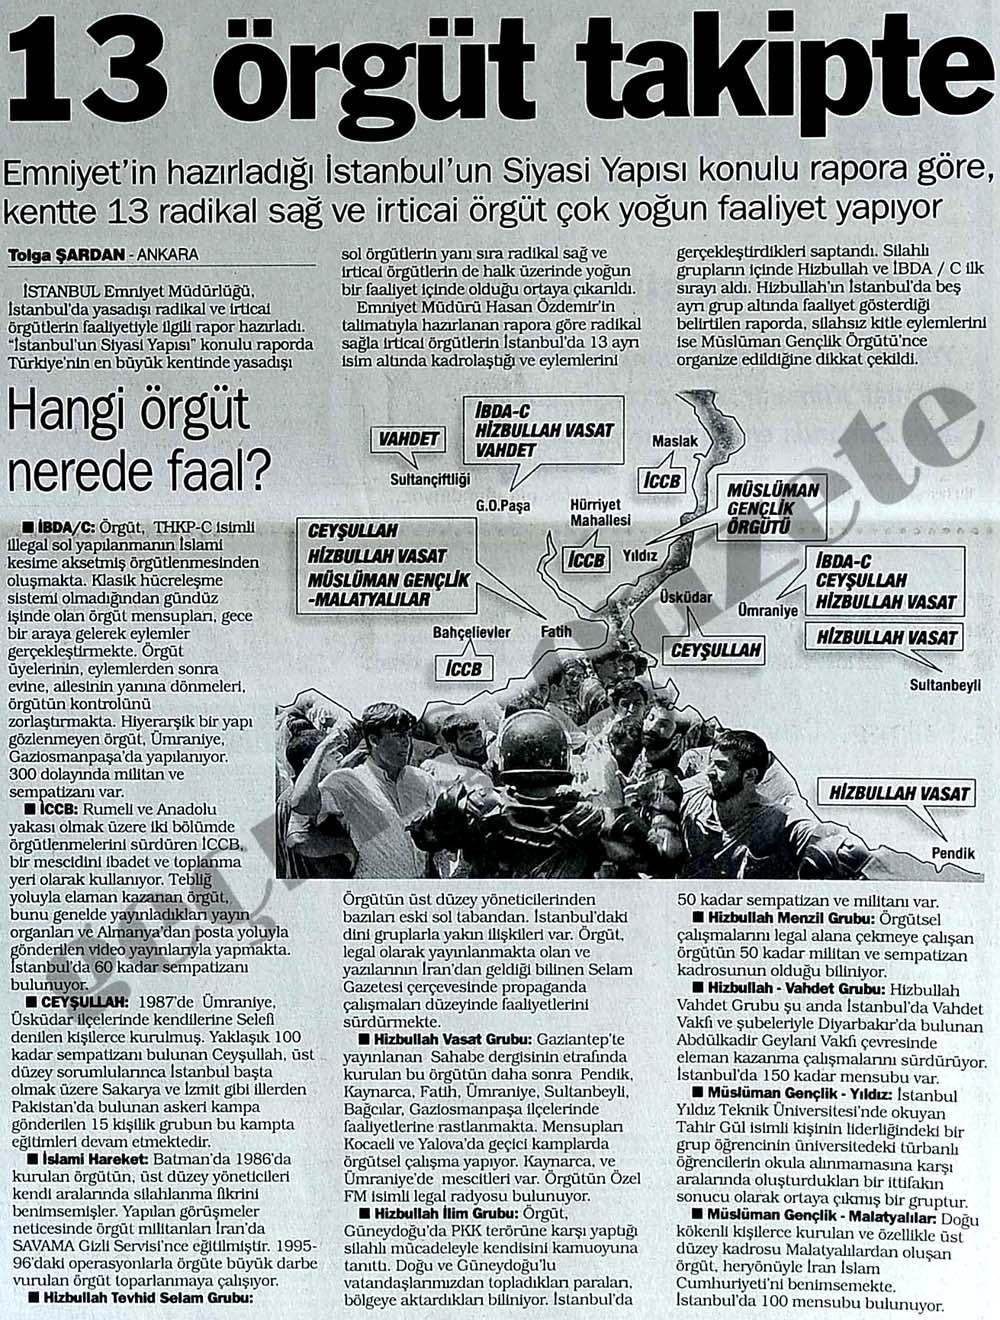 Emniyet'in hazırladığı İstanbul'un Siyasi Yapısı konulu rapor